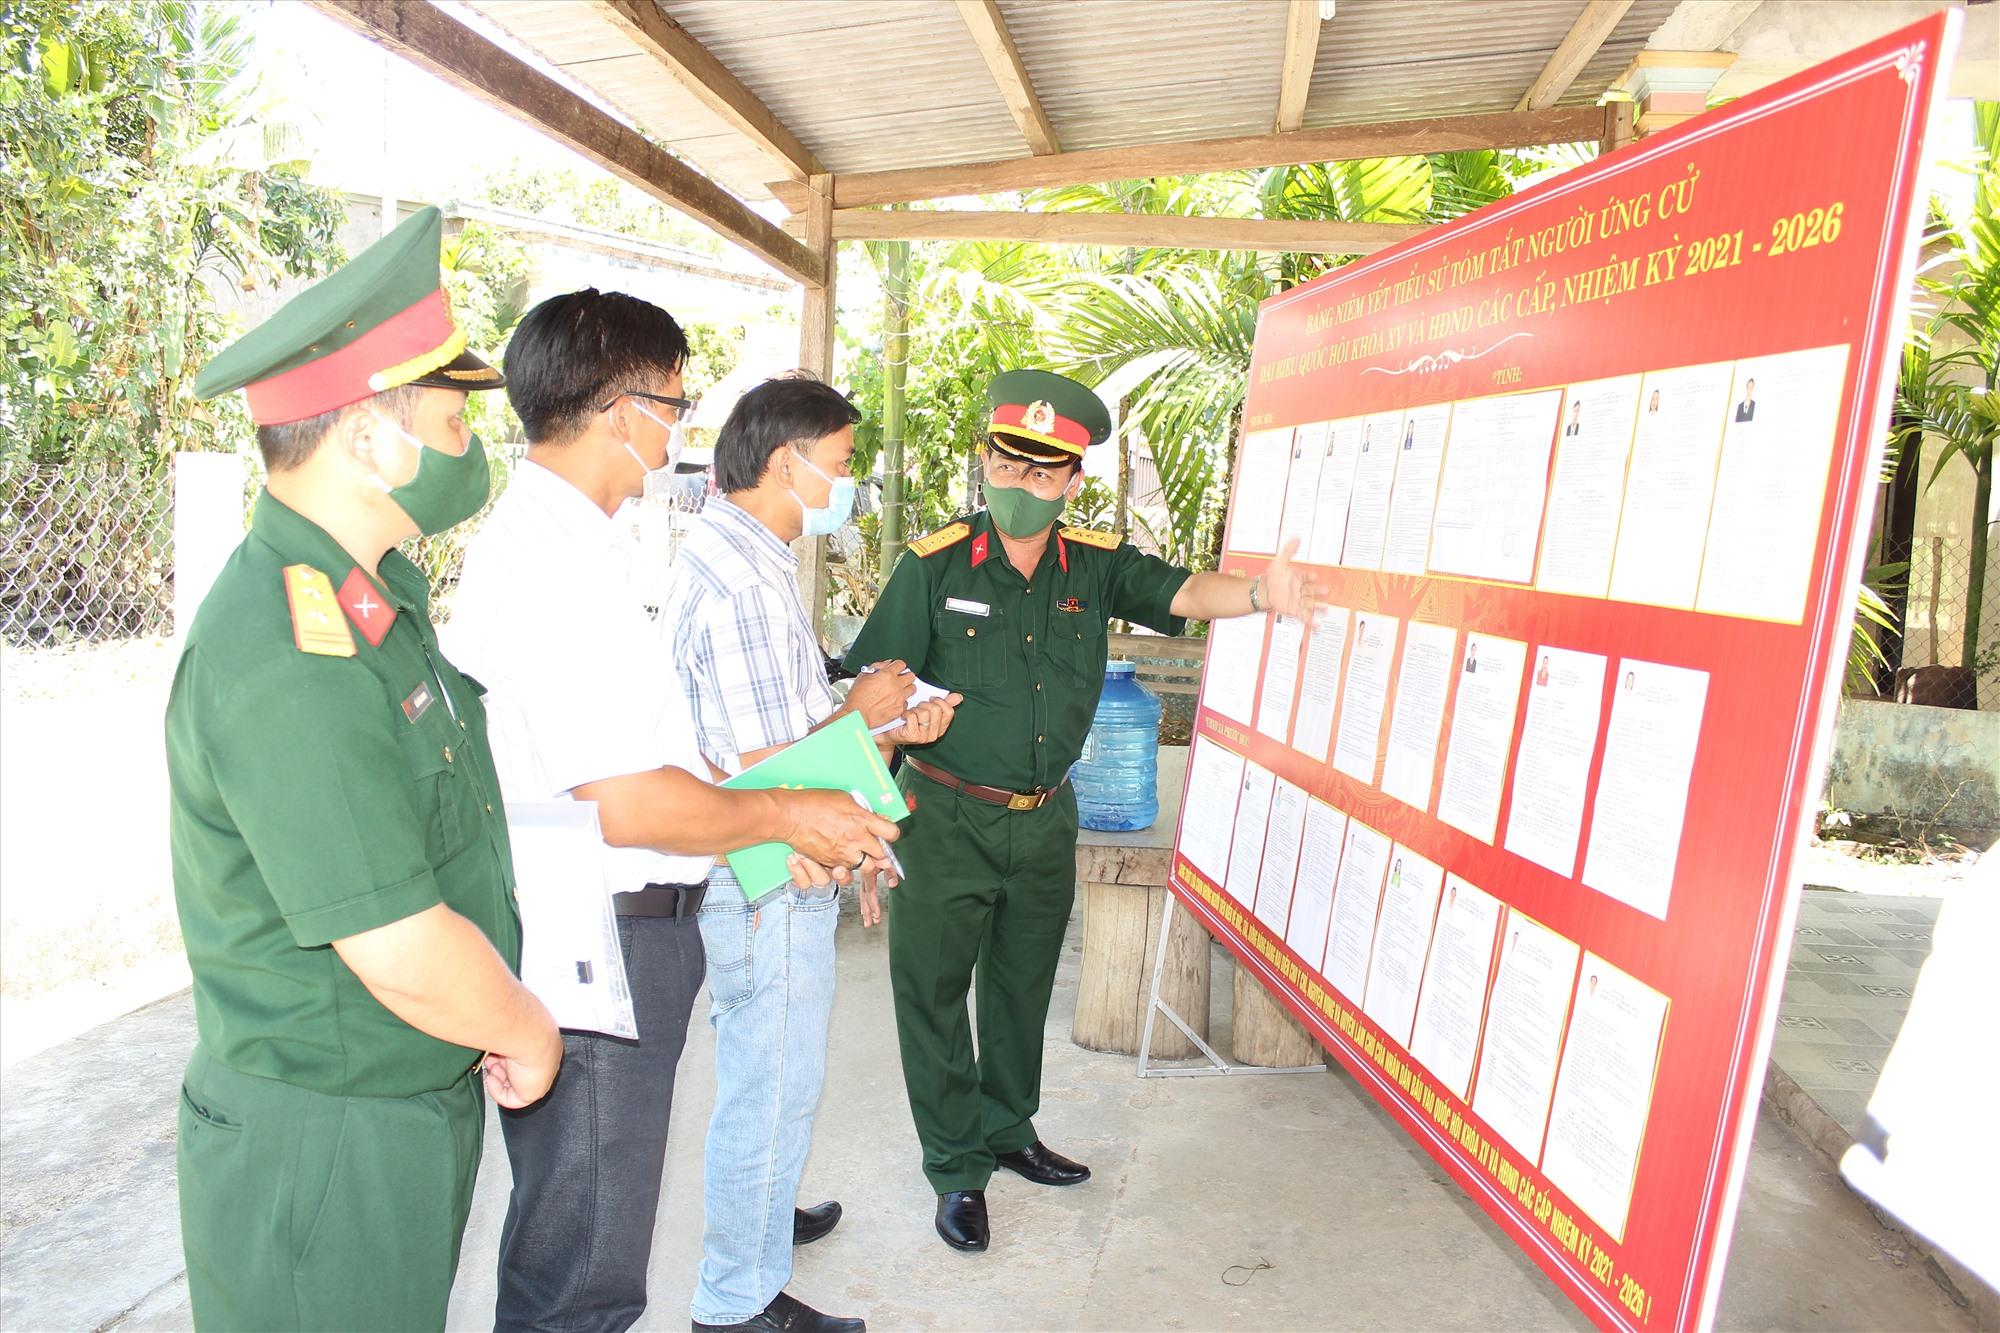 Thượng tá Lê Trung Thành kiểm tra công tác chuẩn bị bầu cử tại huyện Phước Sơn.